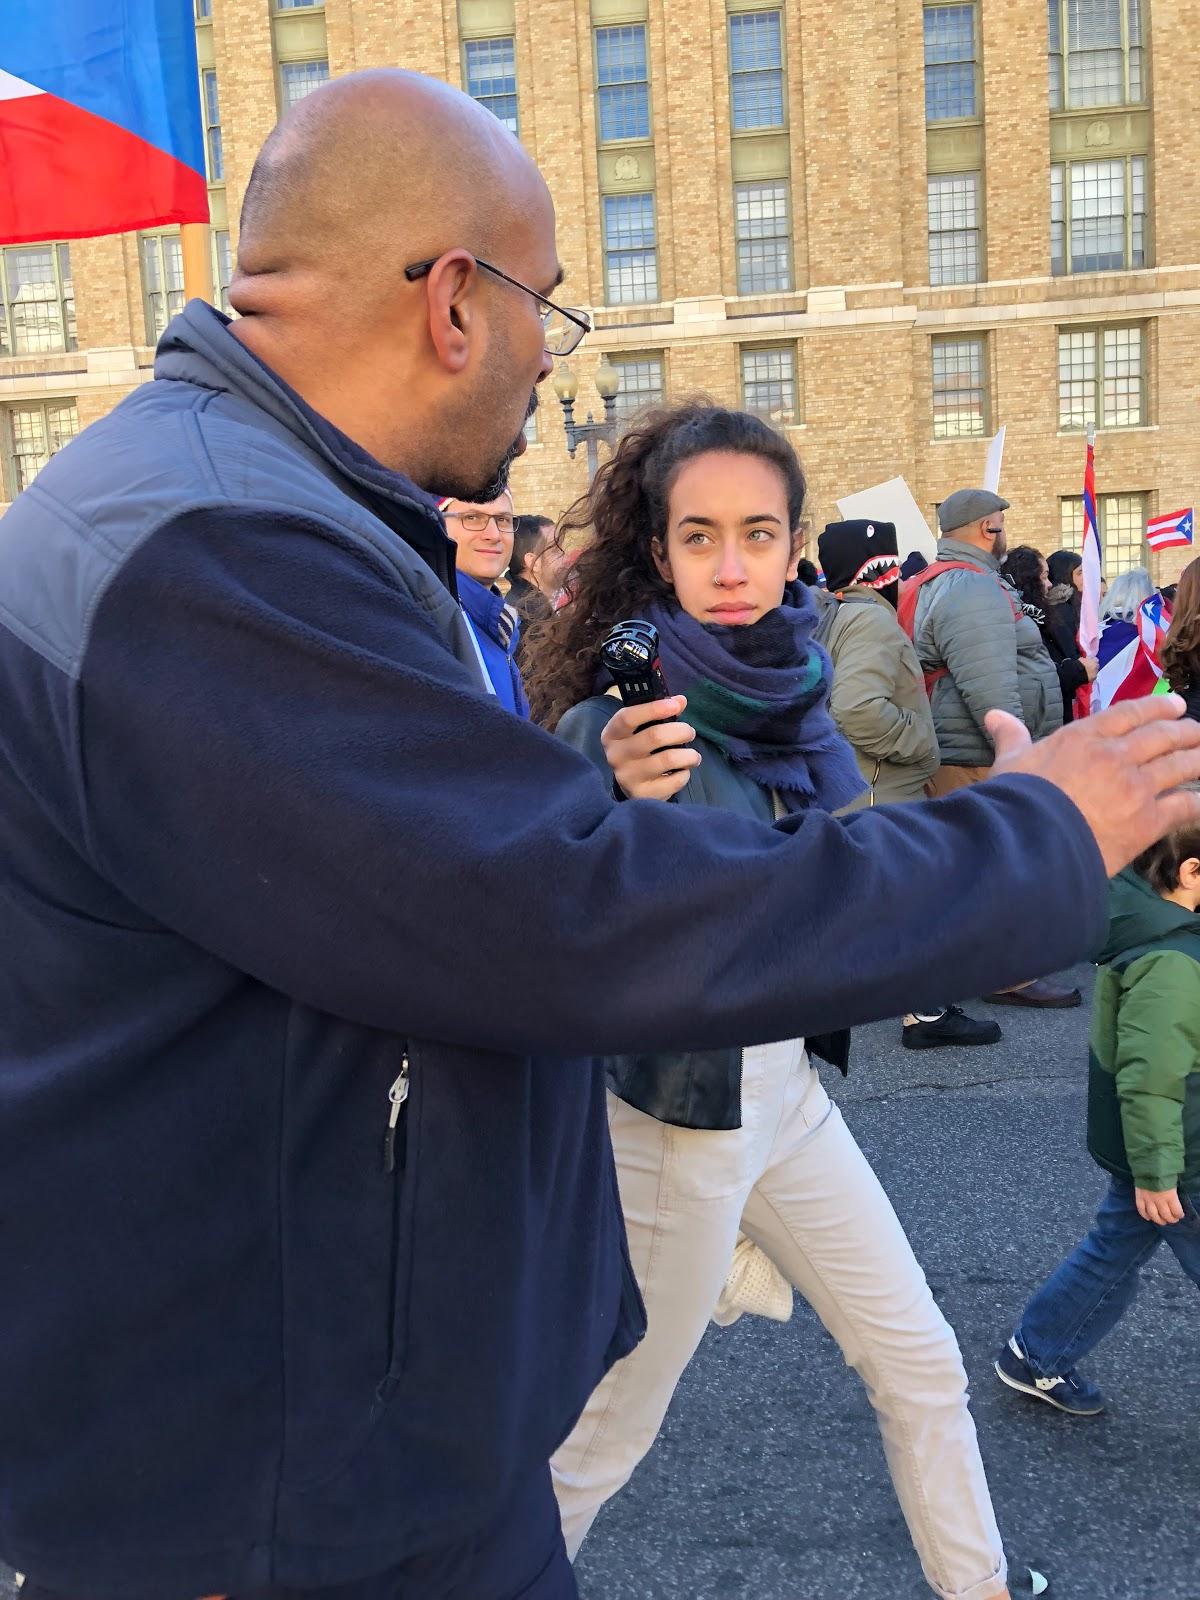 Photo: Carolyn Mejia (Rep. Emilio Vasquez on left)